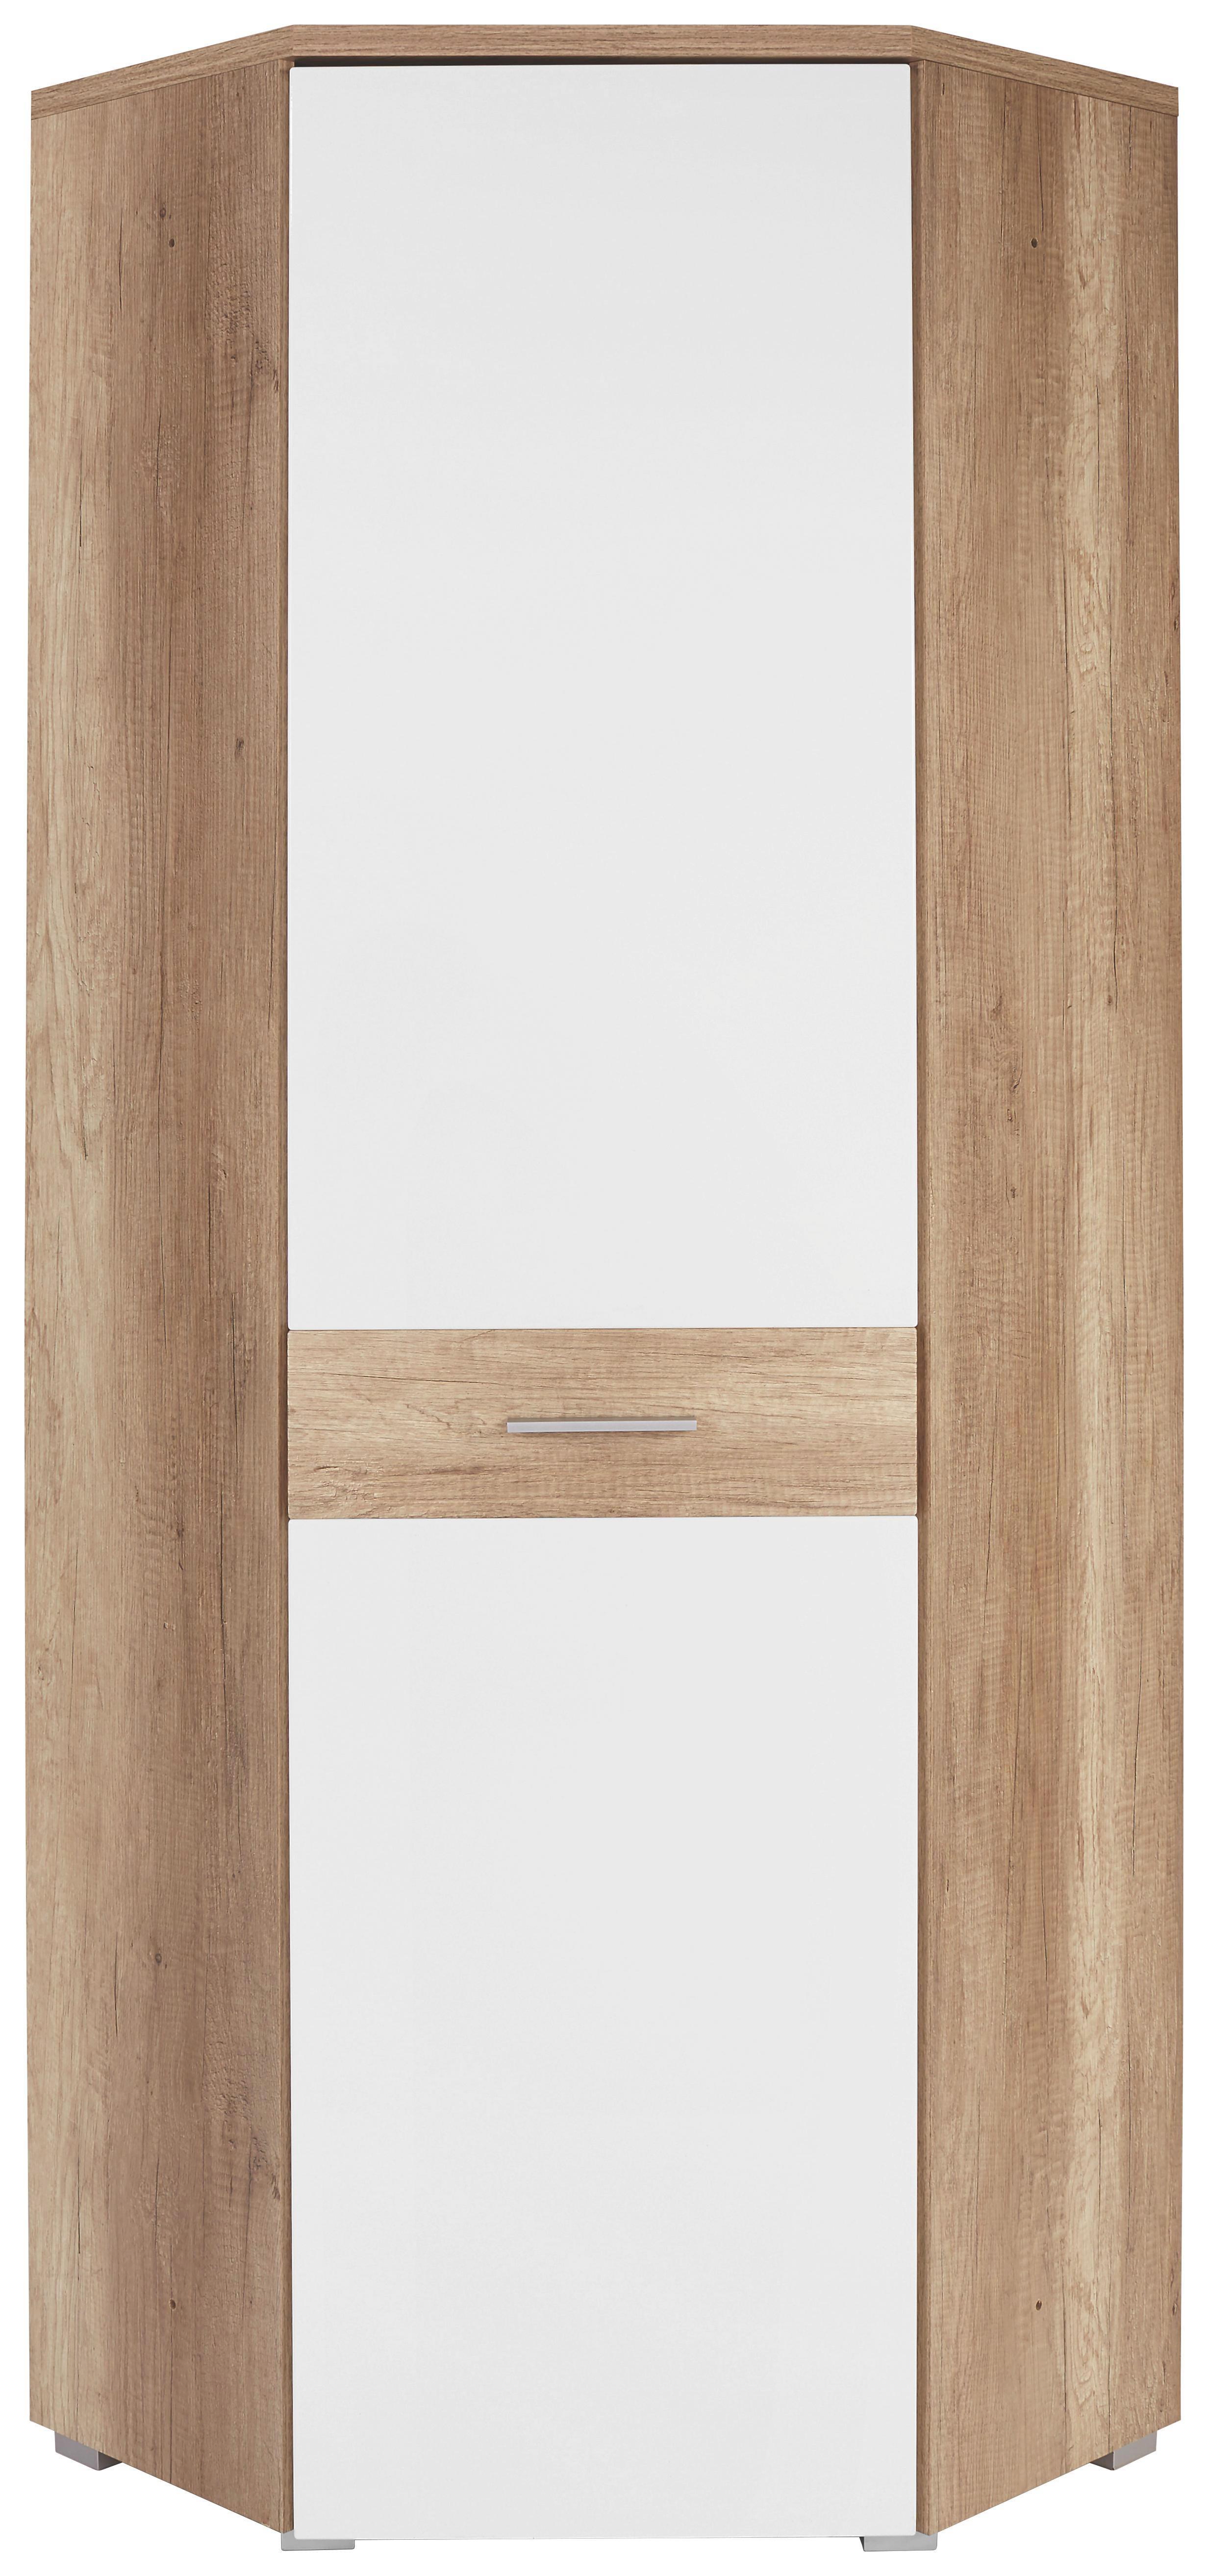 Előszoba Szekrény Space - tölgy színű/fehér, modern (70/199/70cm)